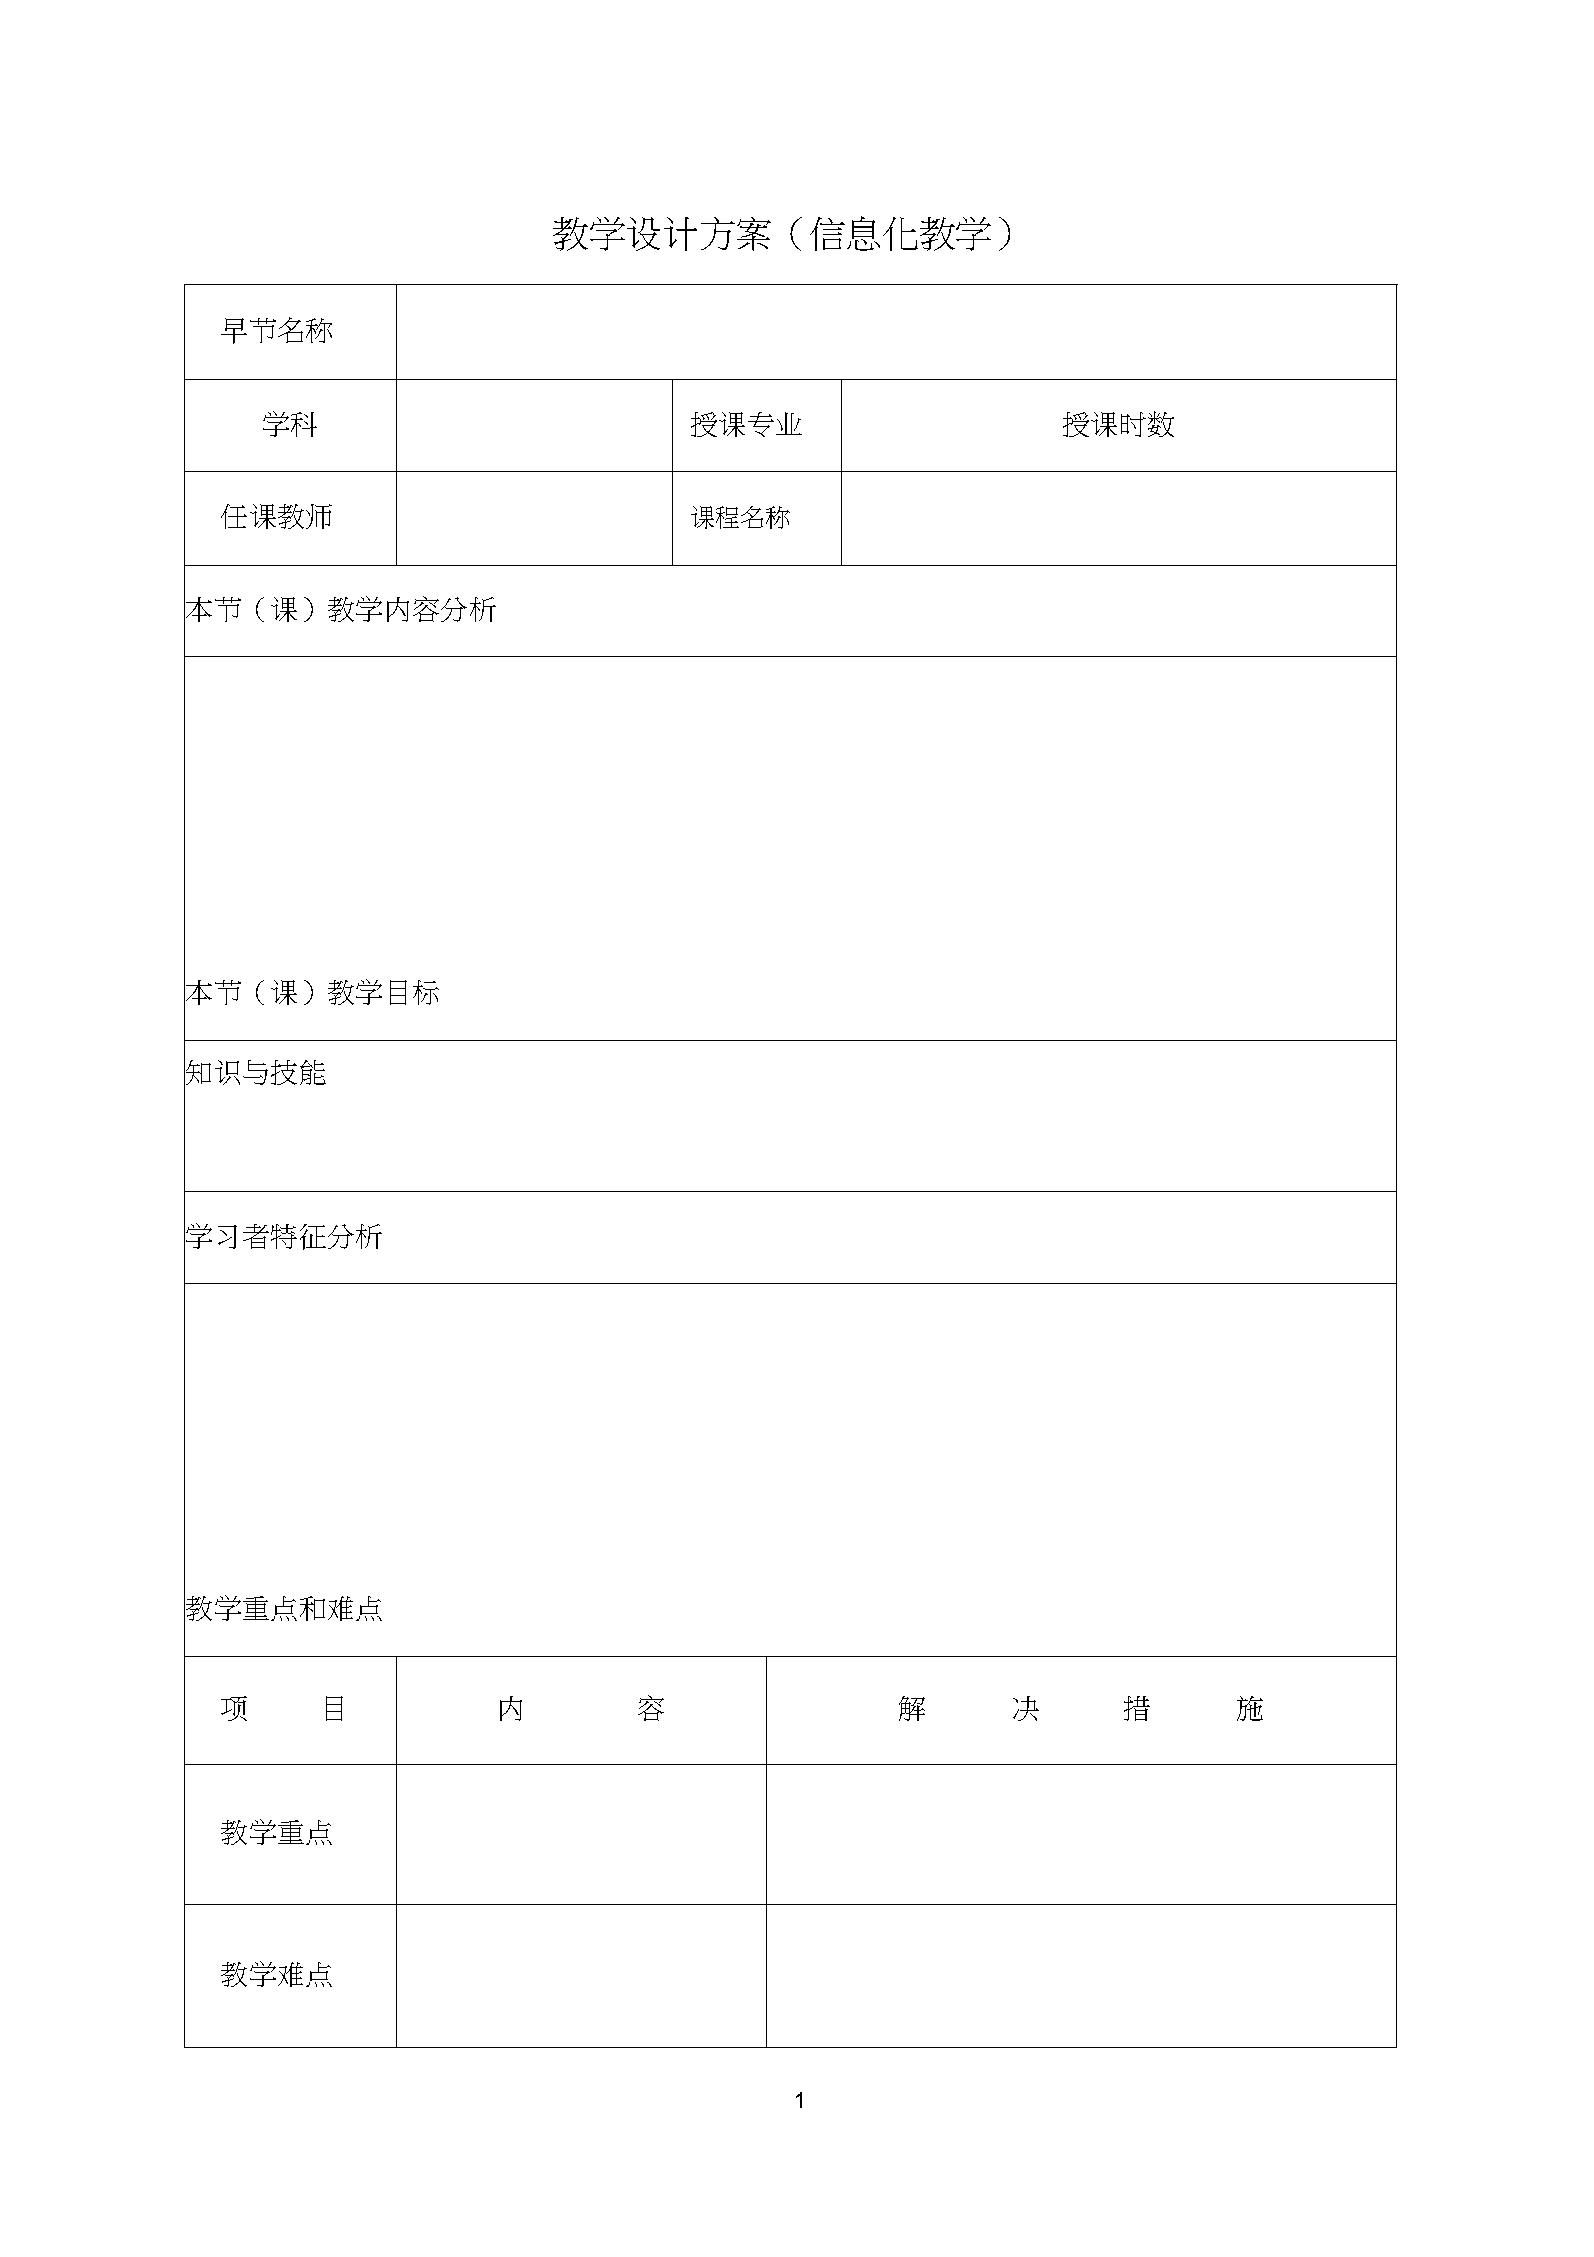 (完整版)专业课类教案参考模板.docx